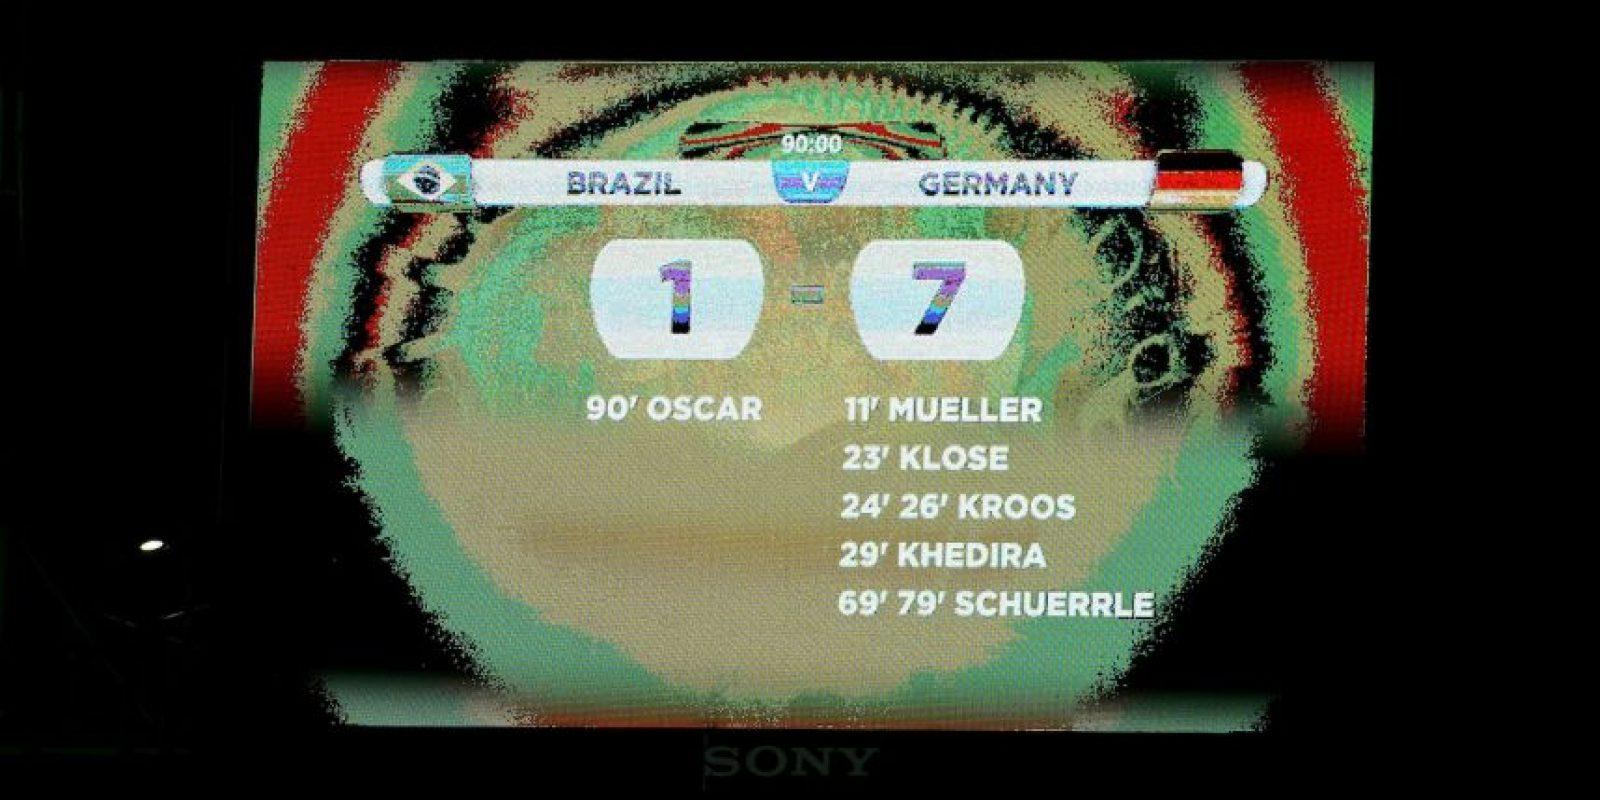 """El resultado fue trágico: 7-1 a favor de la """"Mannschaft"""". Los brasileños quedaron totalmente destrozados. Foto:Getty Images"""